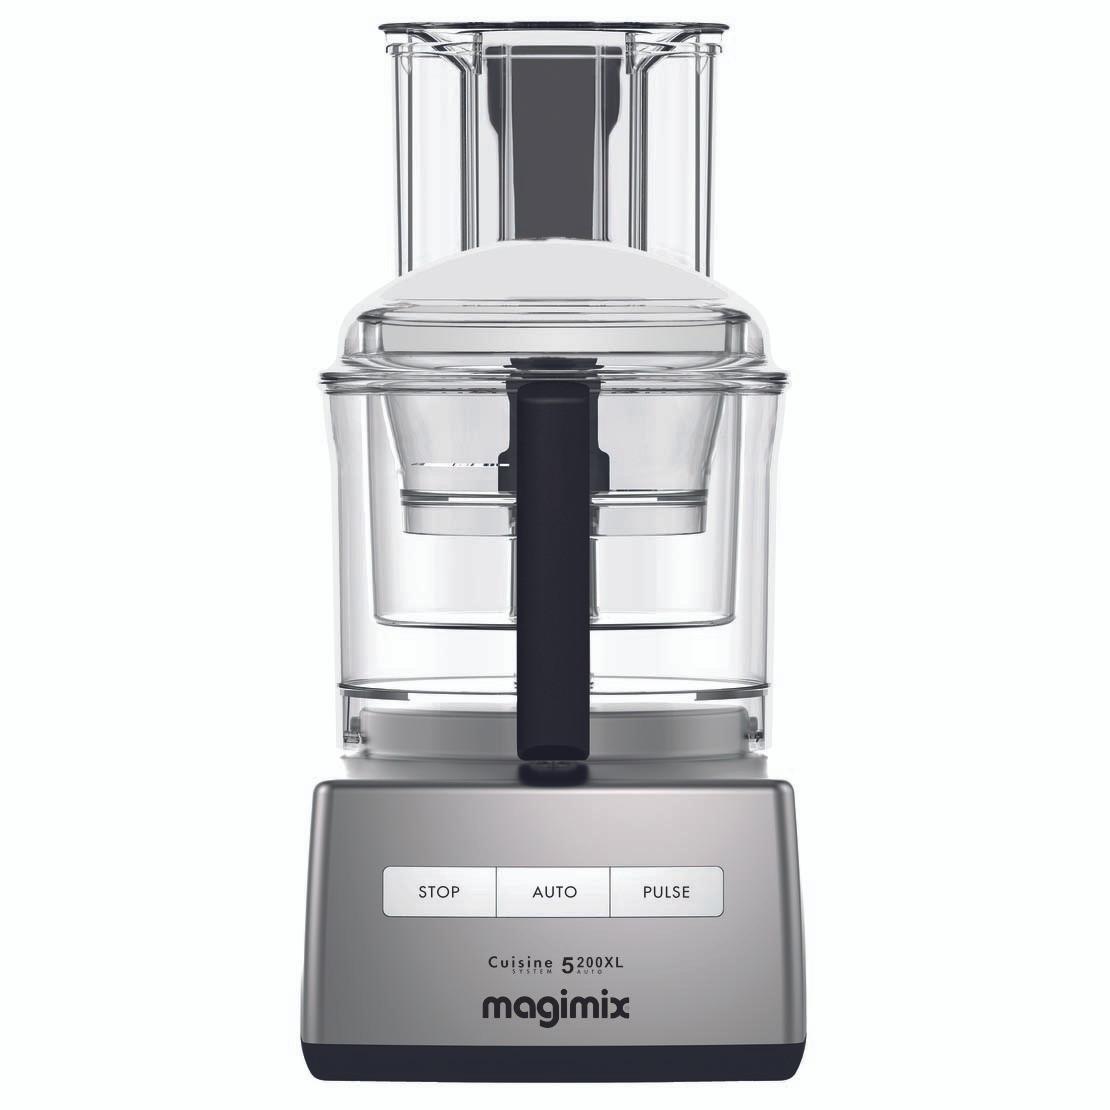 Magimix 5200 XL Premium in Satin